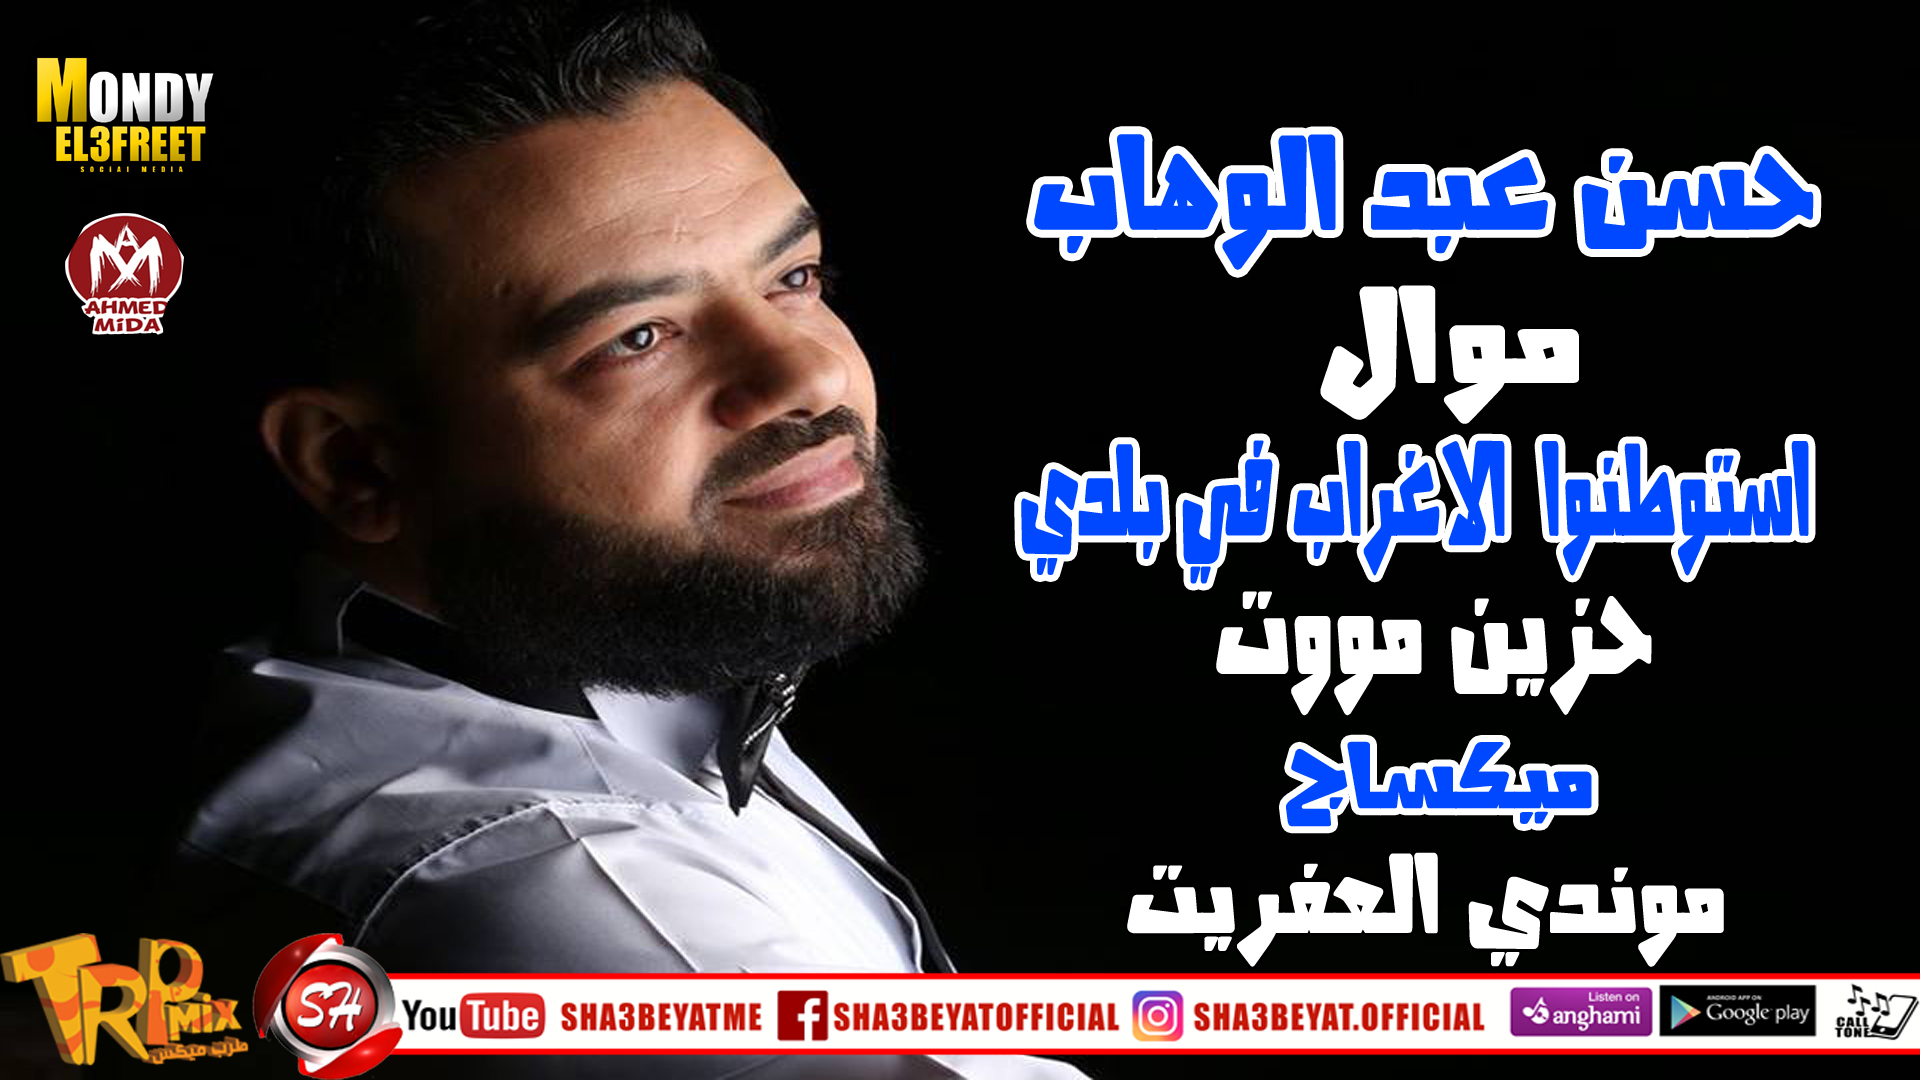 موال استوطنوا الاغراب في بلدي للوحش حسن عبد الوهاب 2018 حزين مووت هيكسر مصر